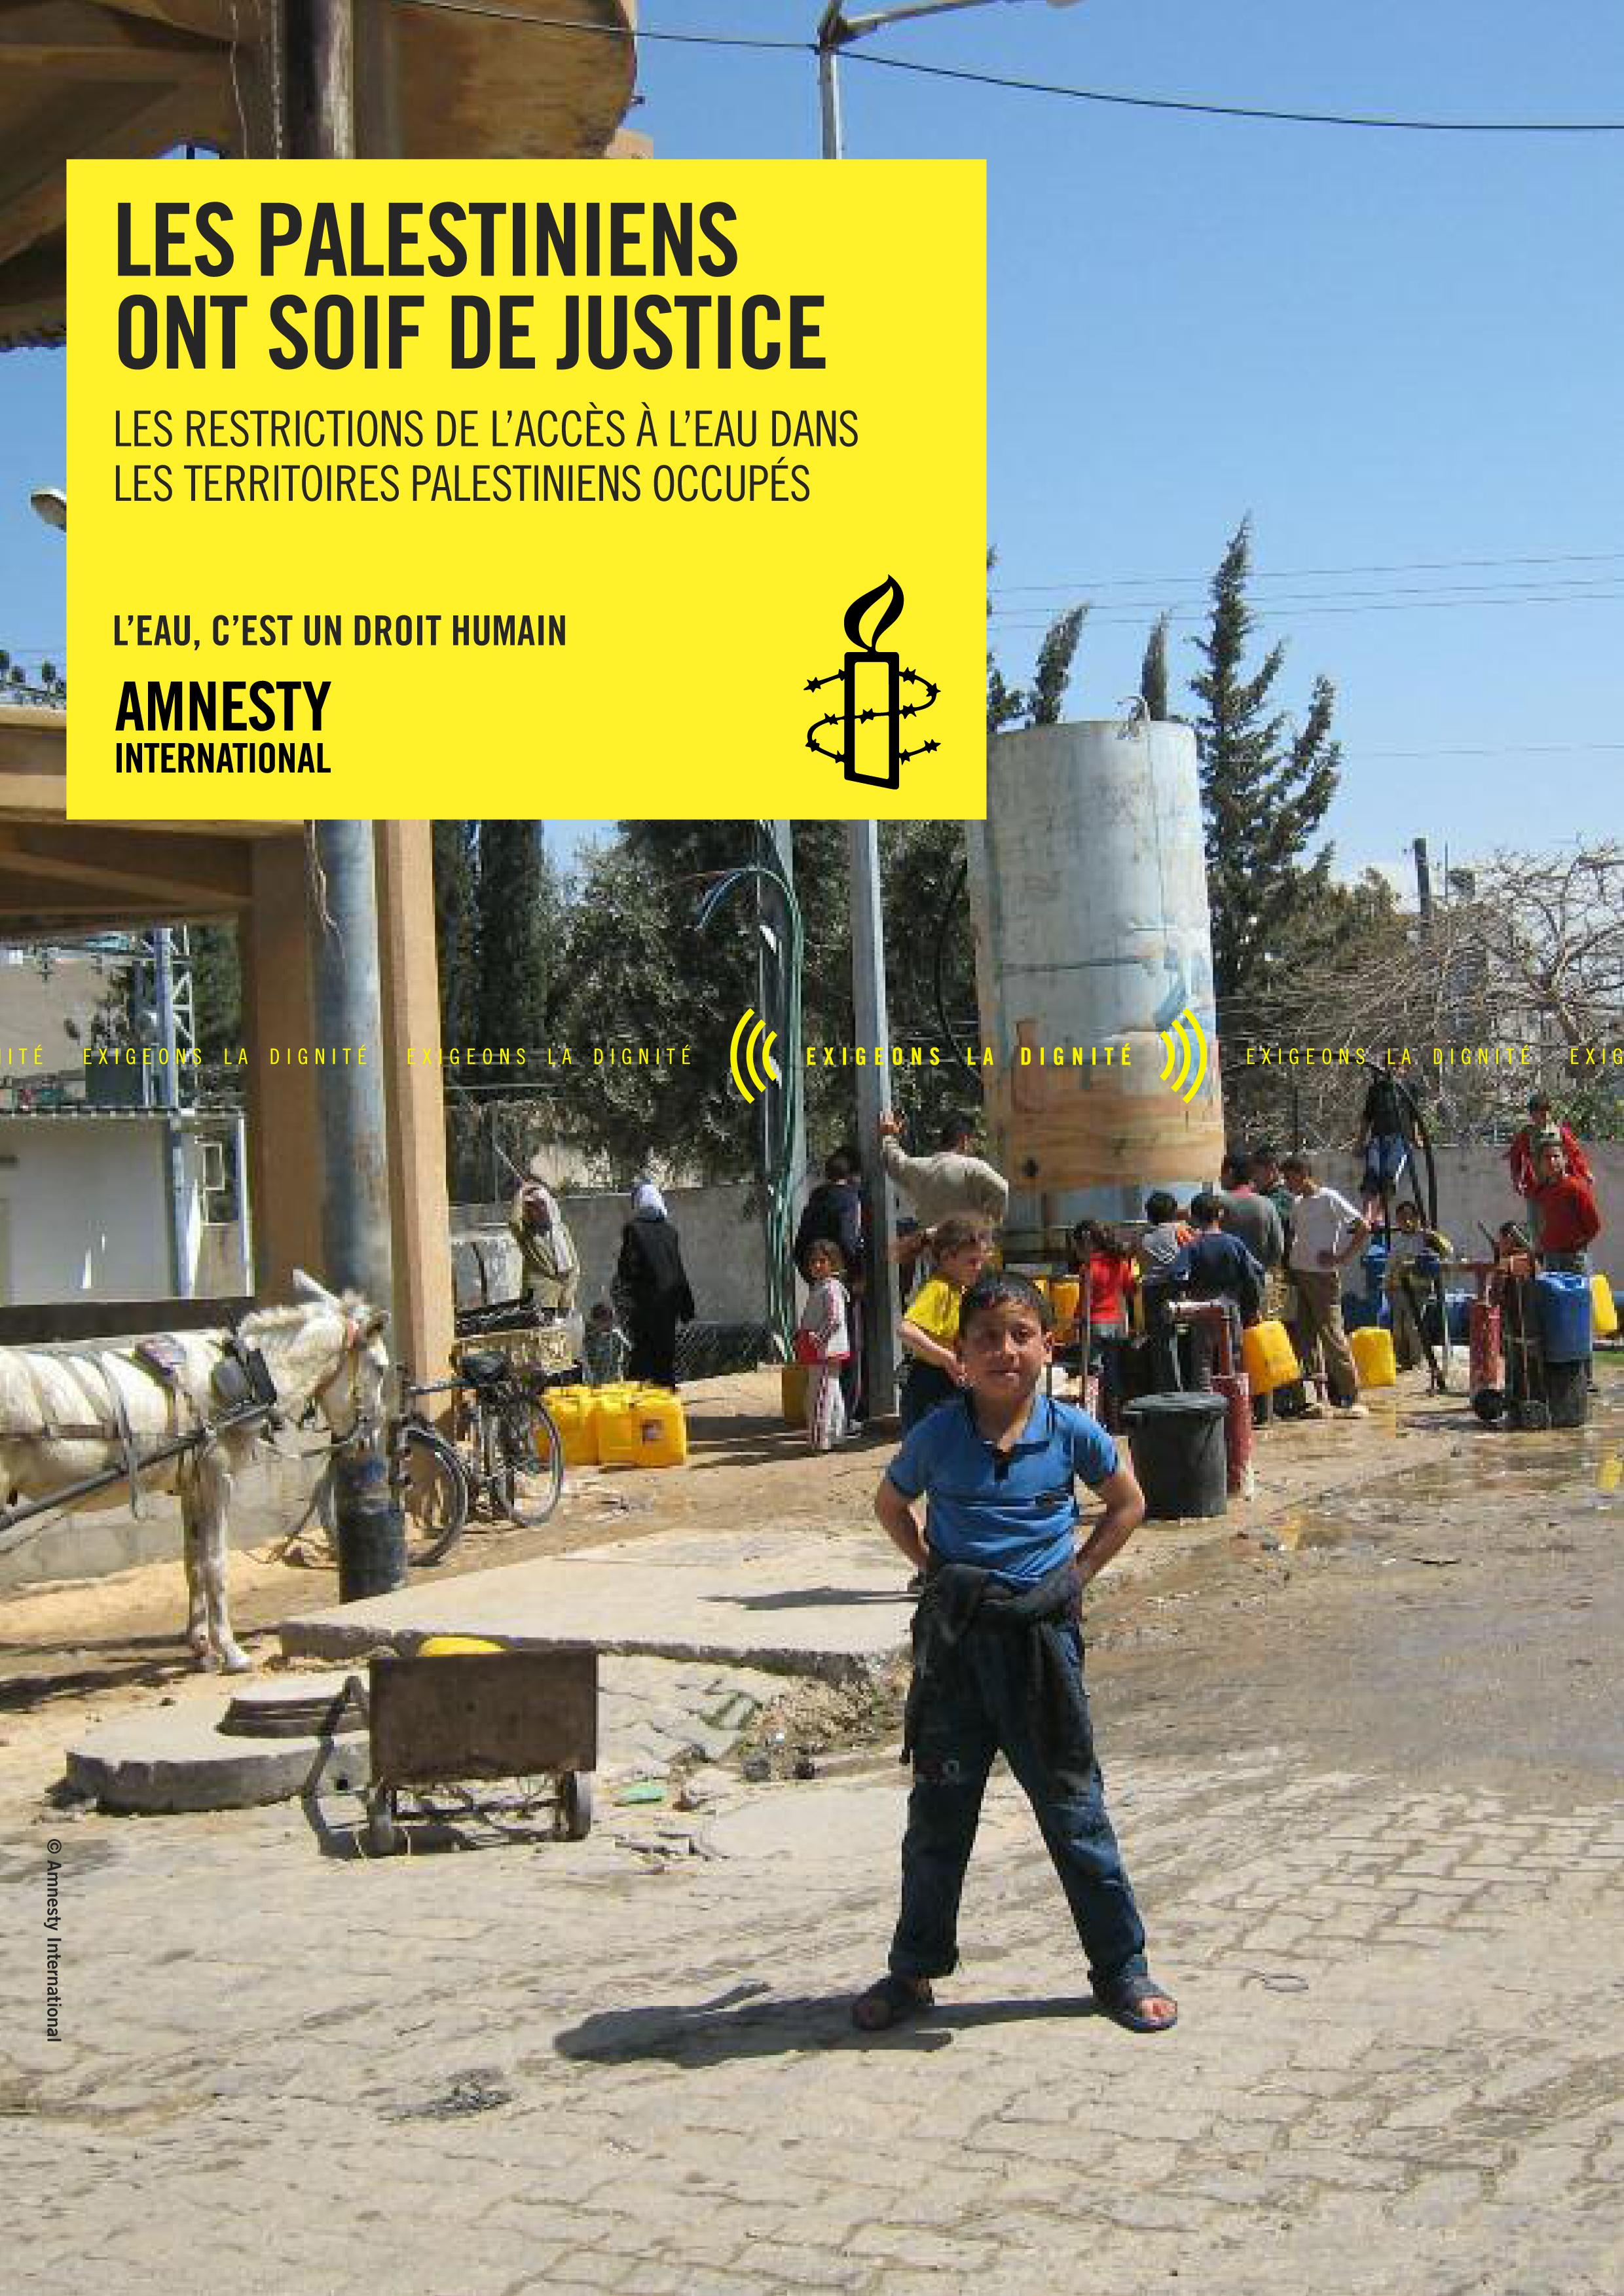 les palestiniens ont soif de justice